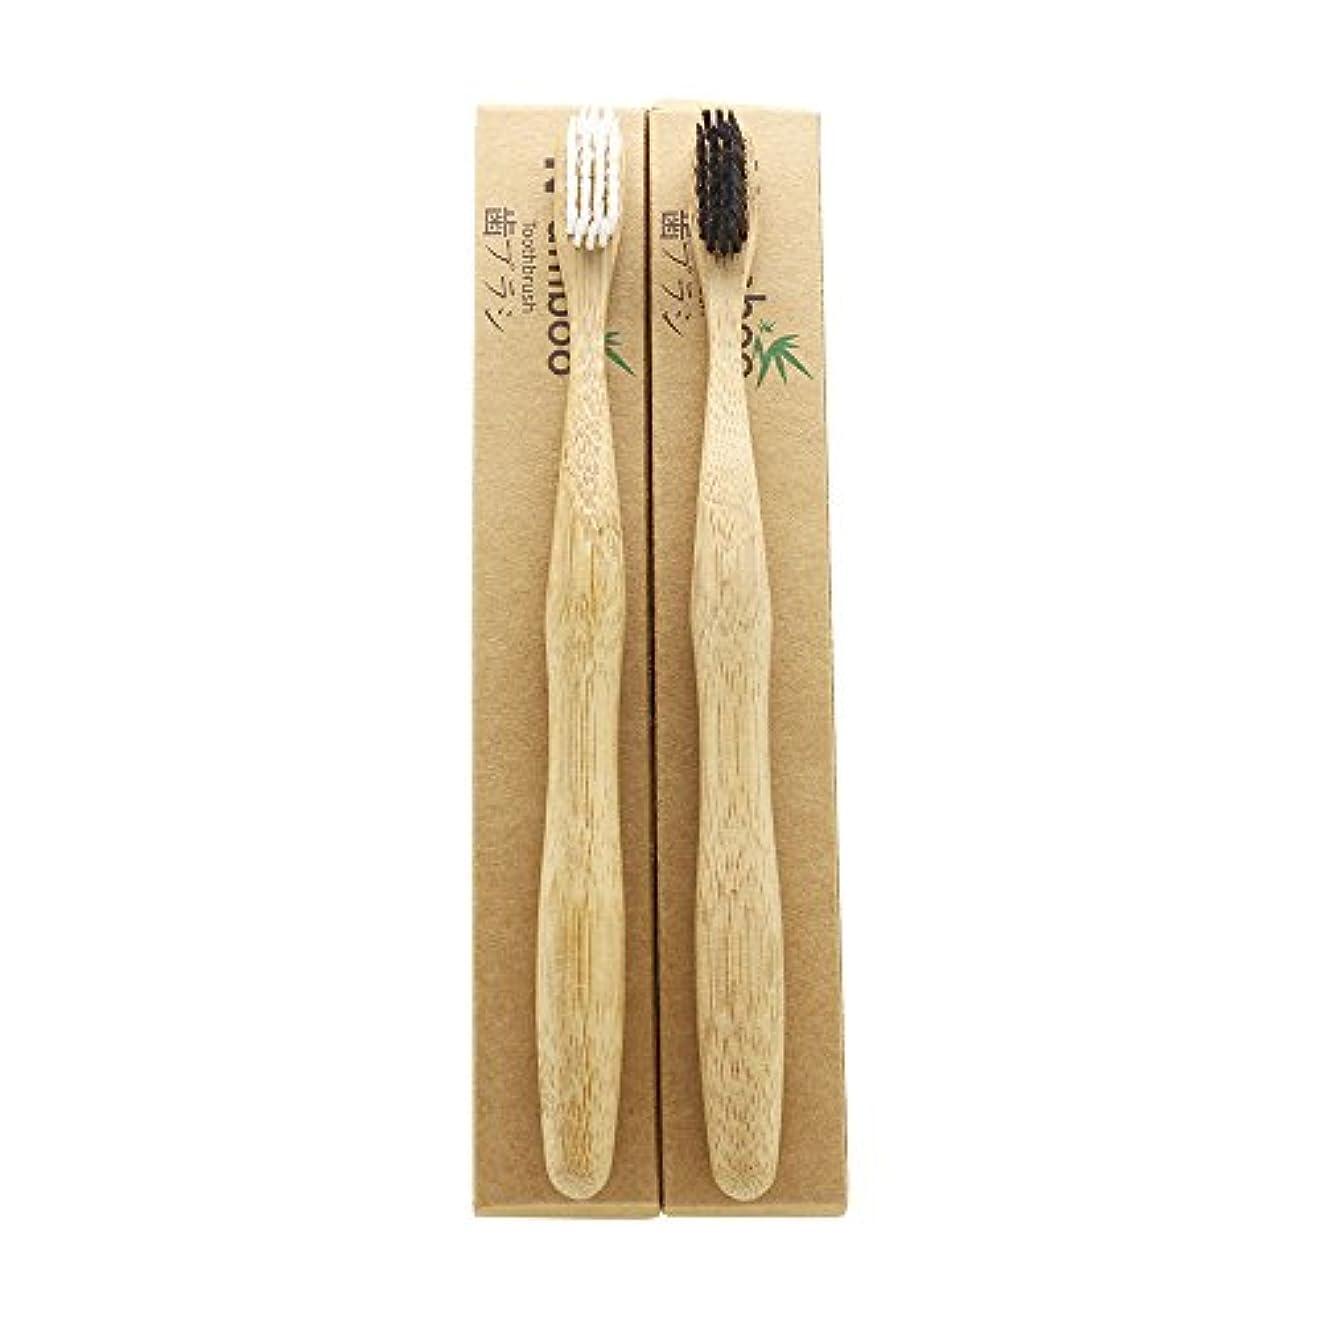 ワックス空のユーモラスN-amboo 竹製 歯ブラシ 高耐久性 白と黒 セット エコ  (2本)